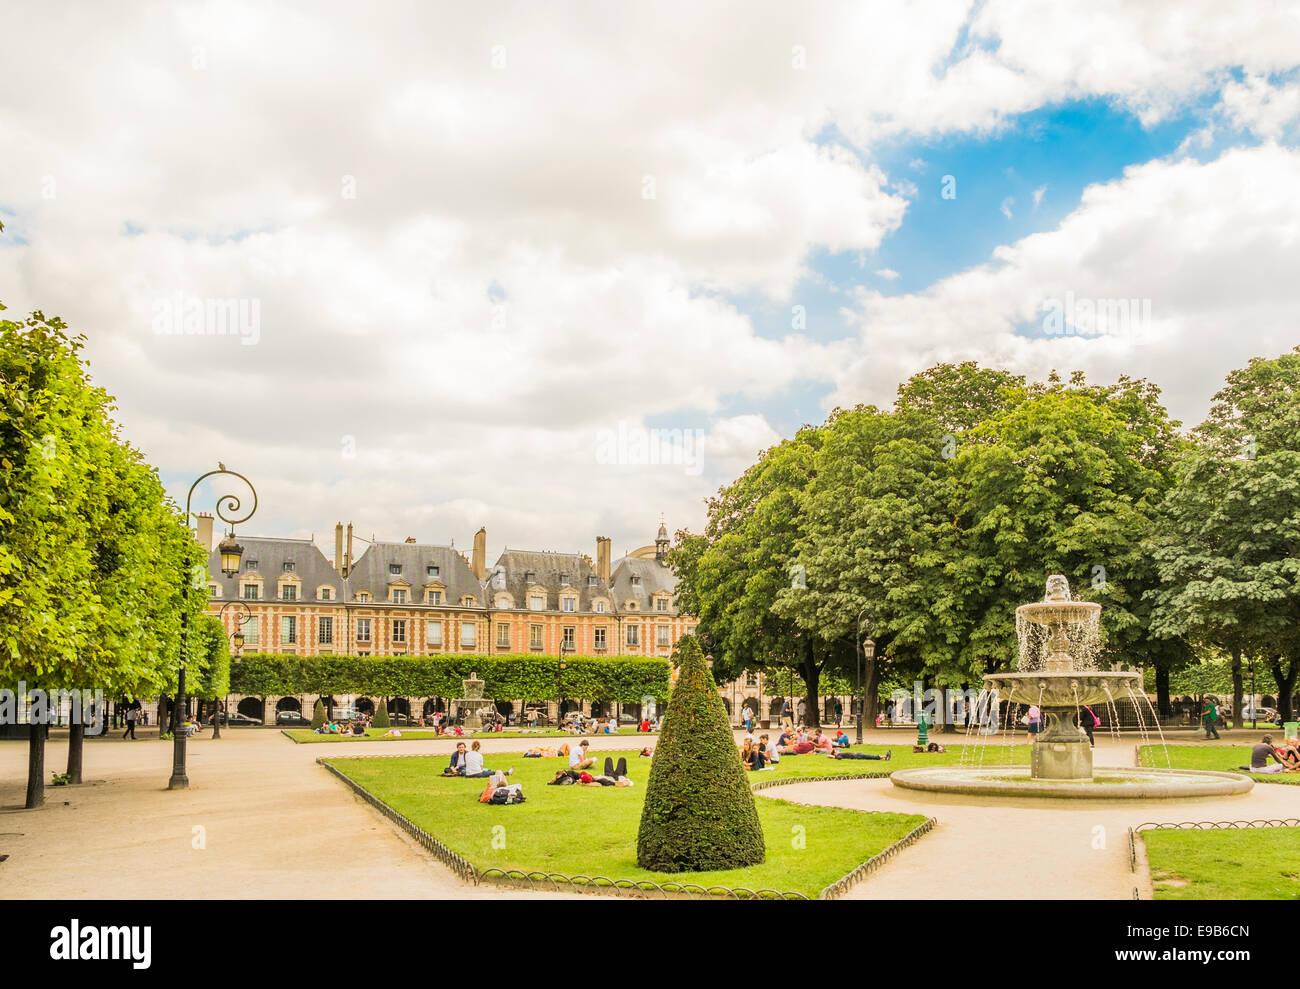 young people relaxing at place de vosges public garden, paris, ile de france, france - Stock Image